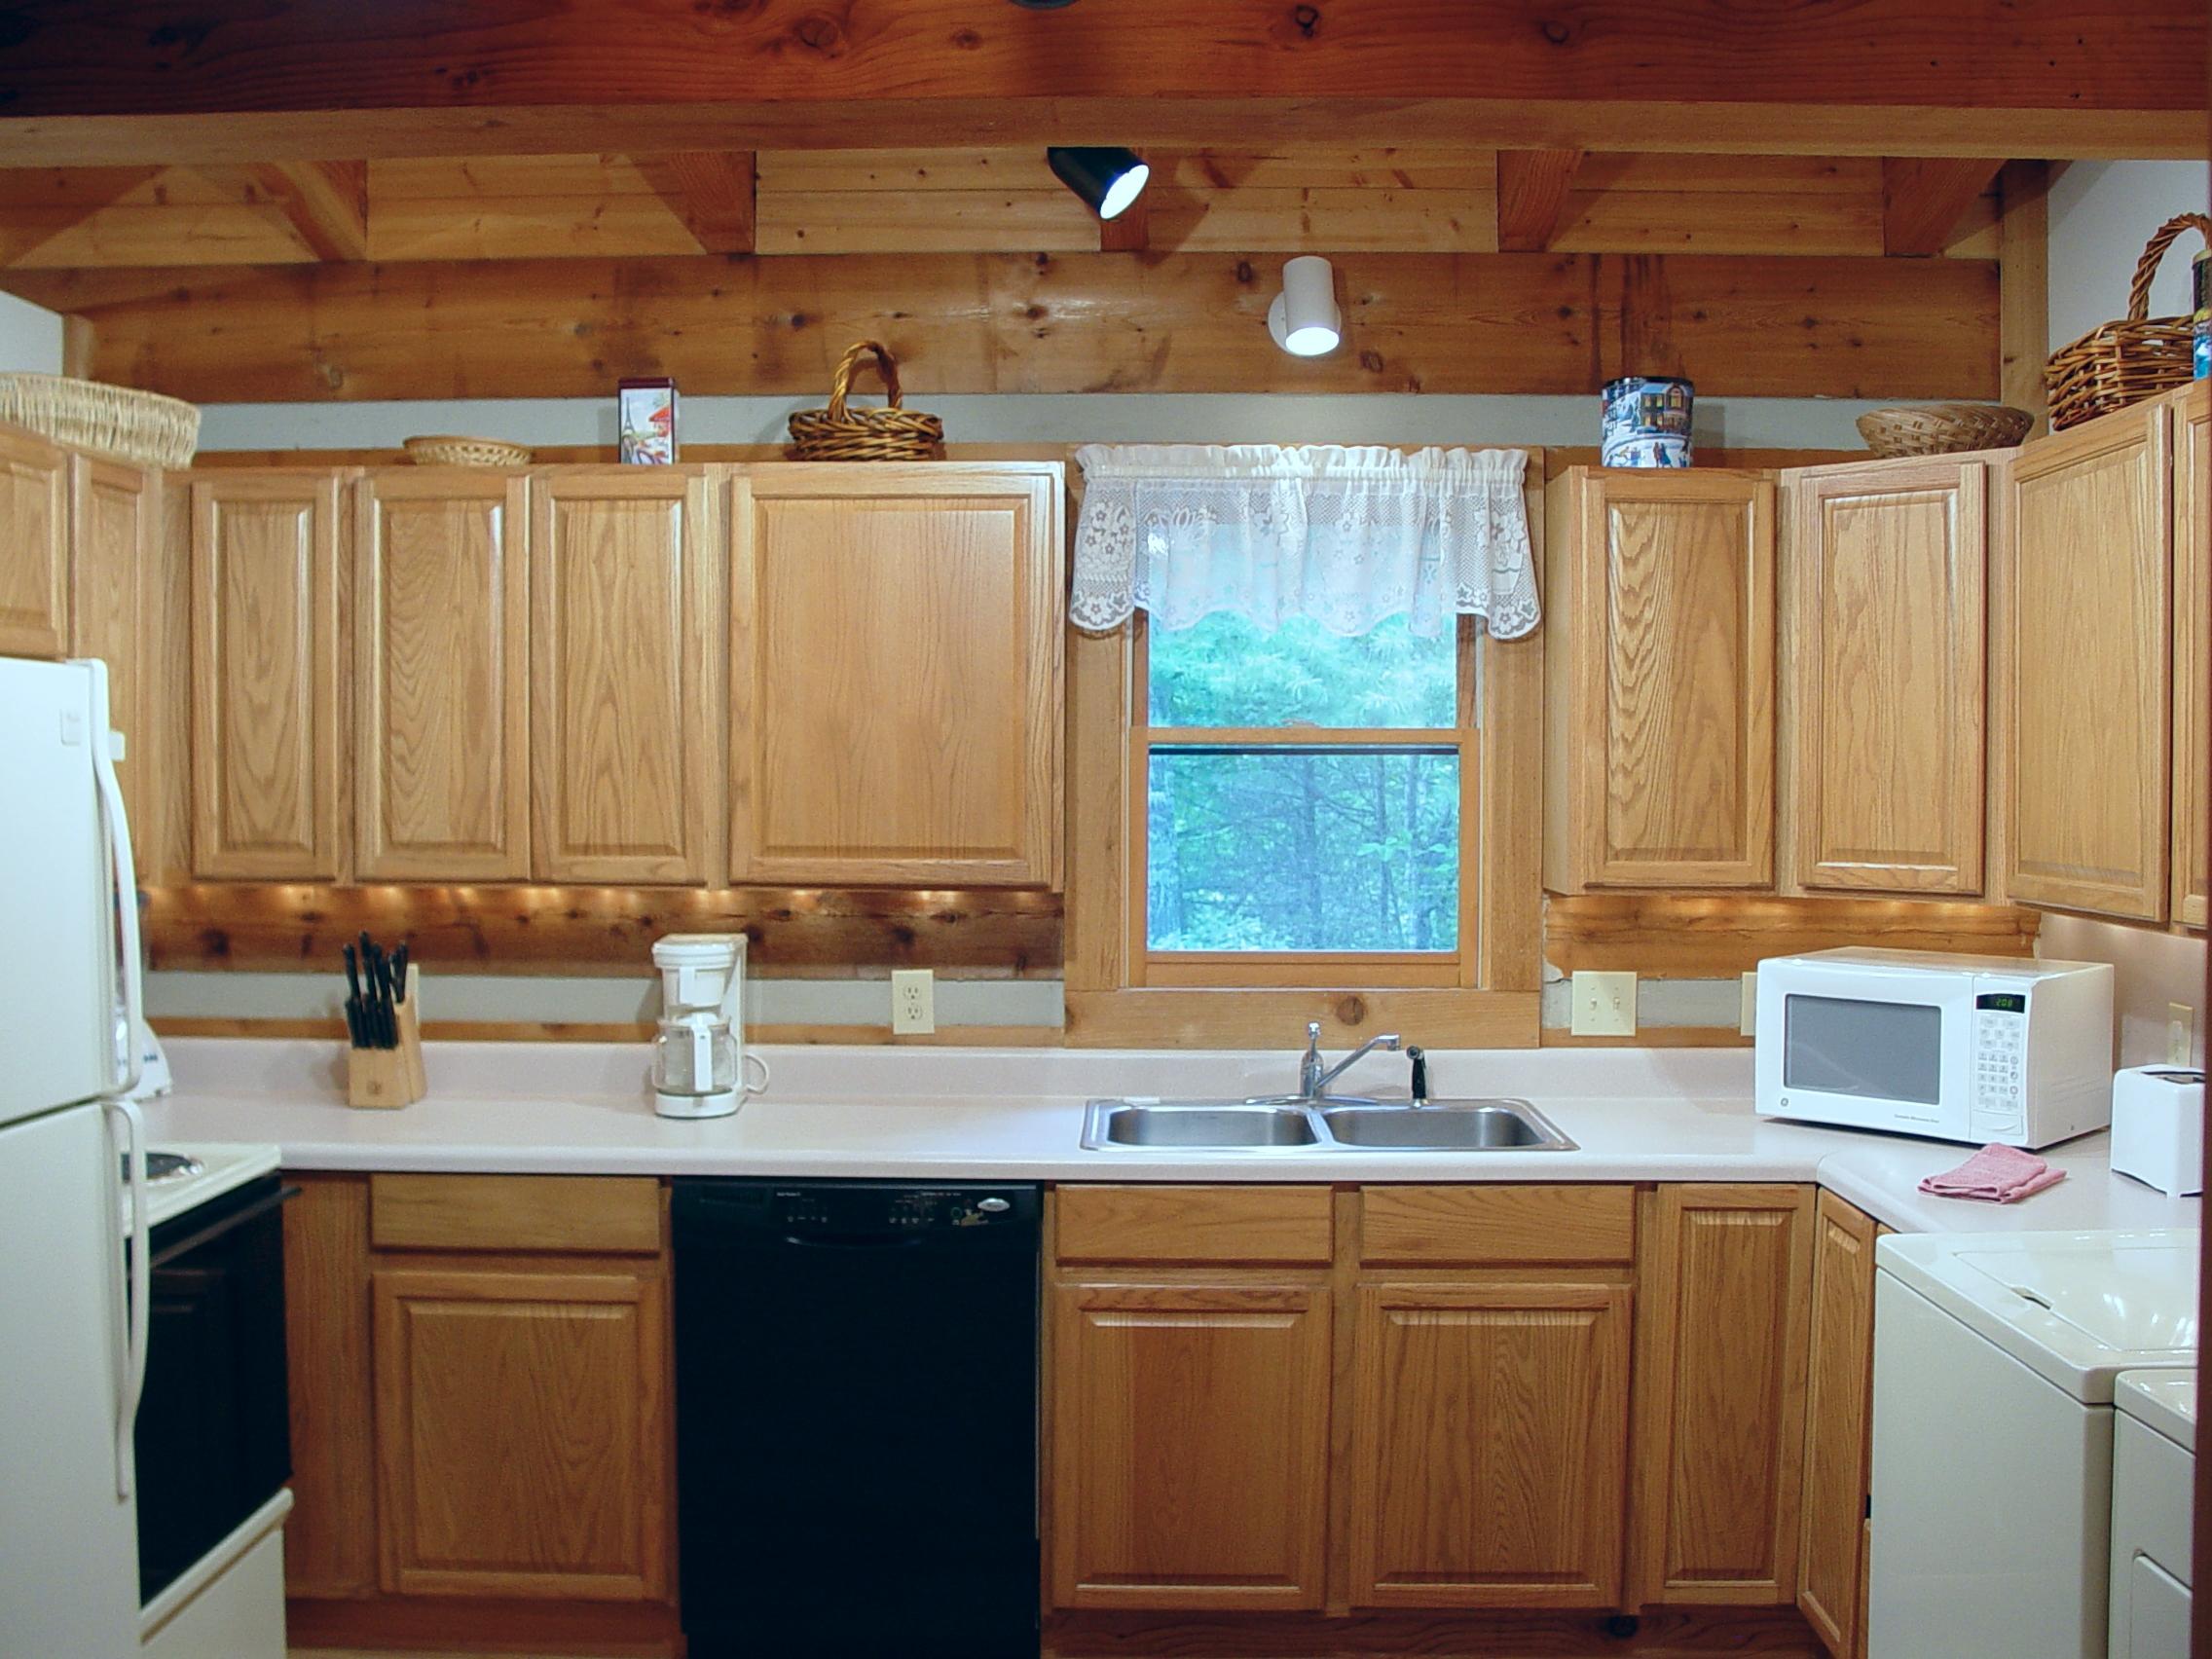 P_C_ Kitchen_09.23.05_018.jpg